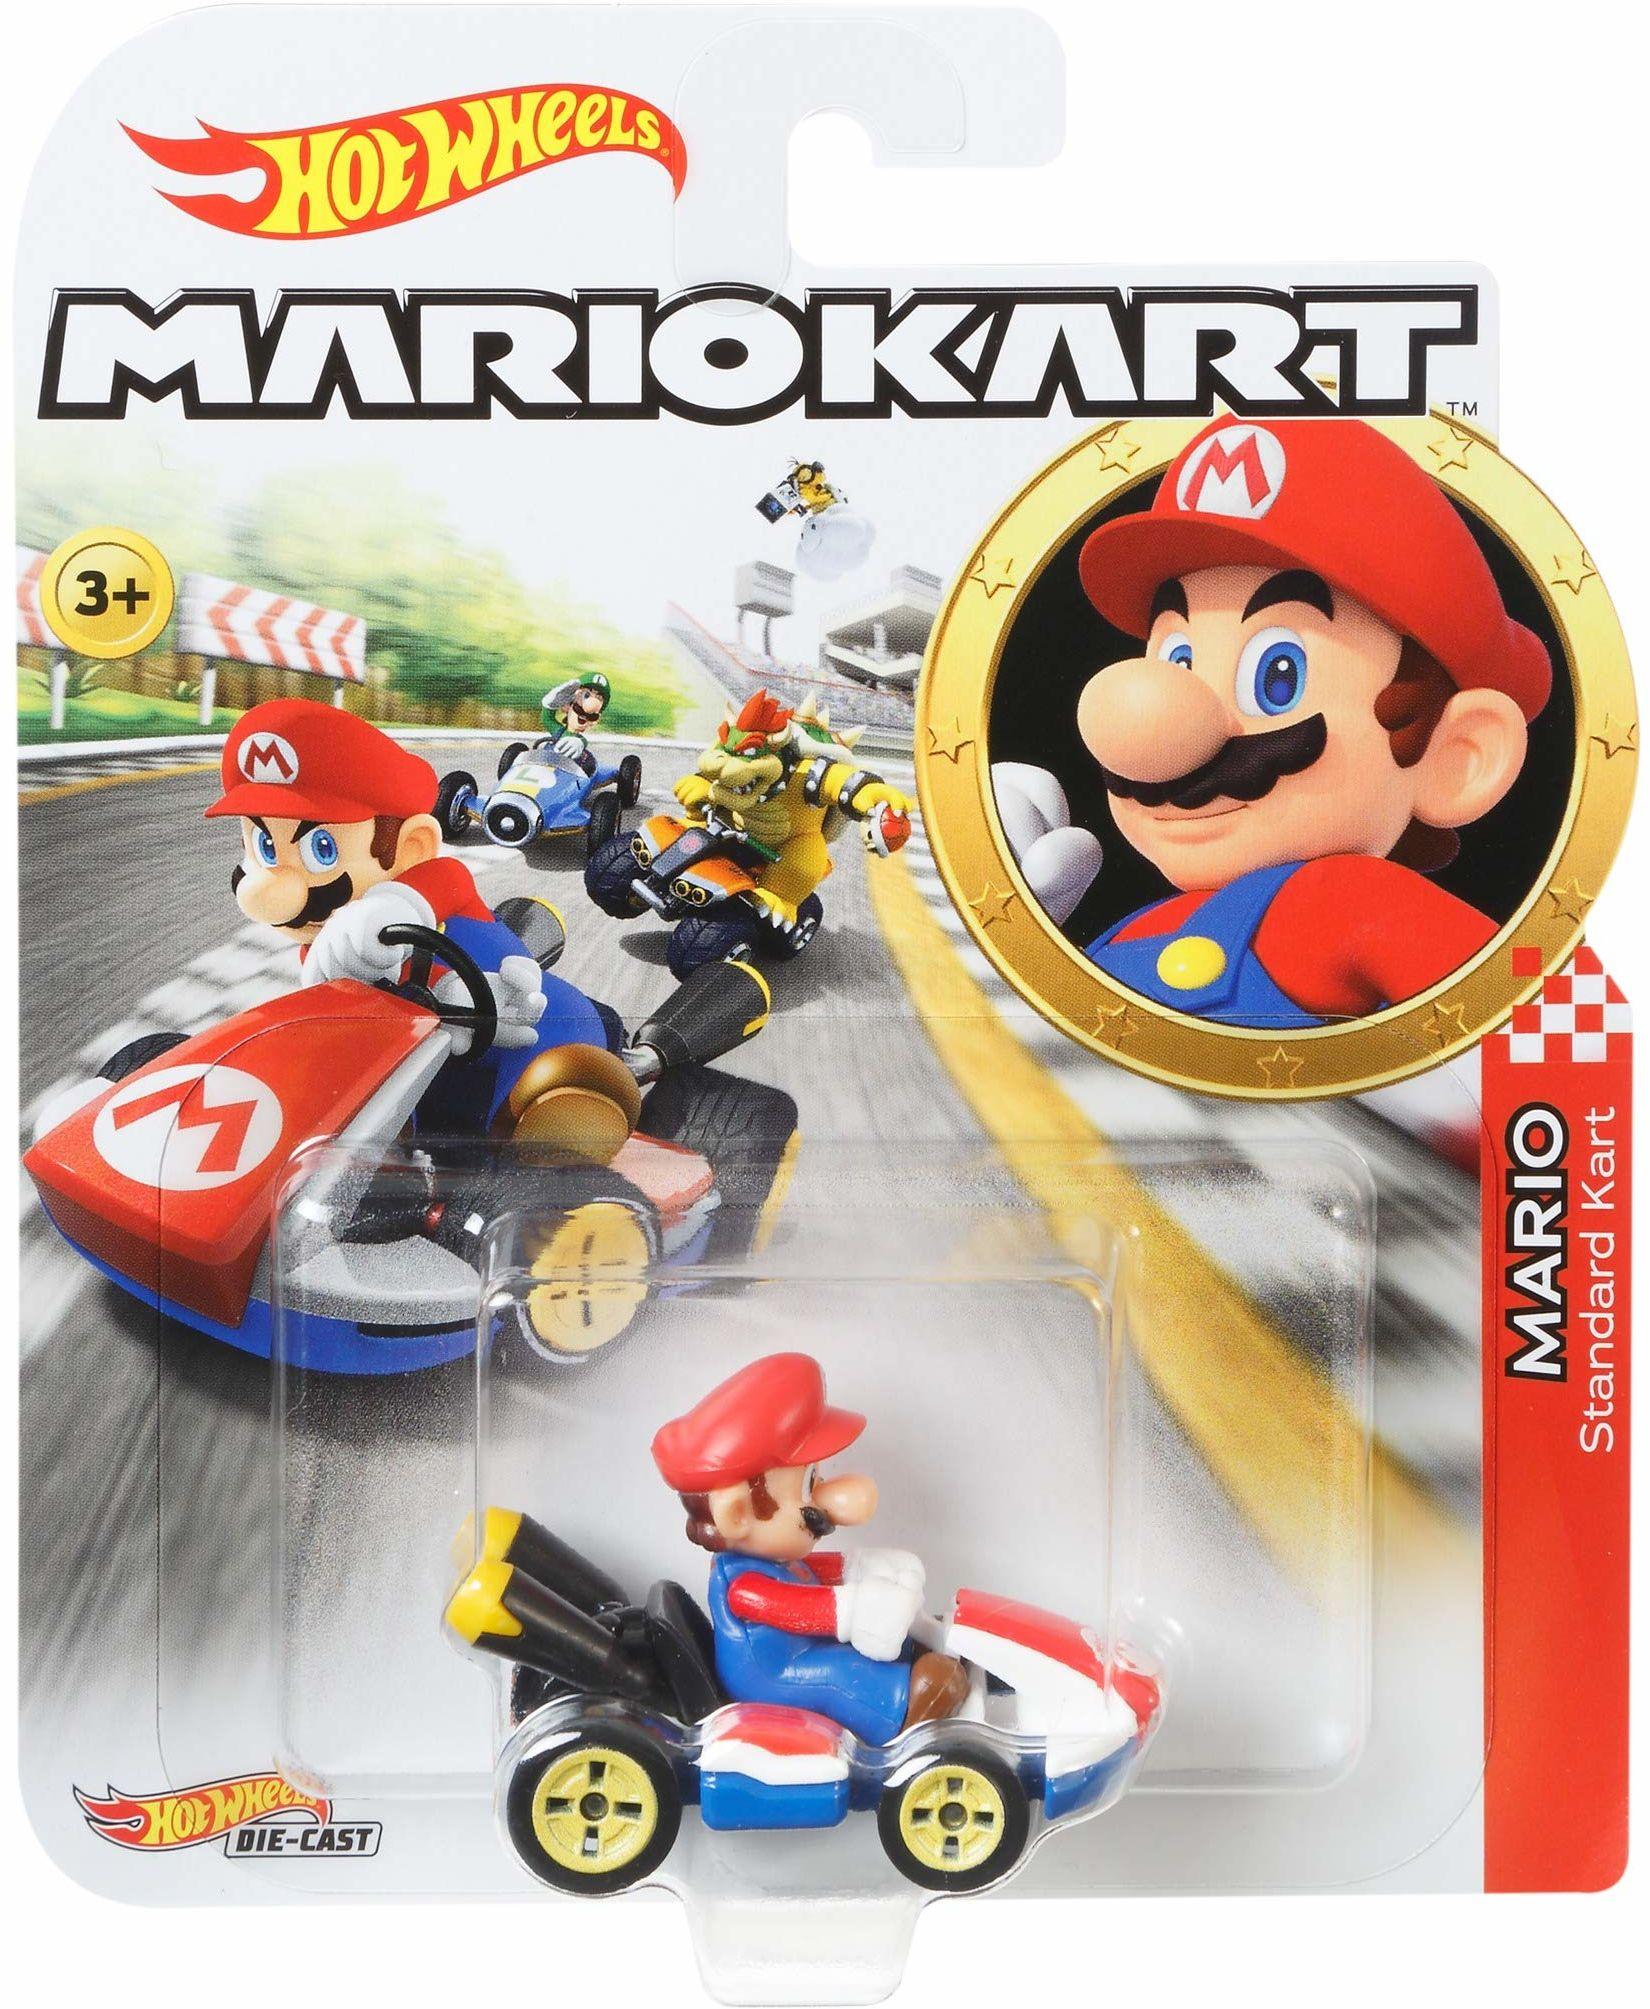 Hot Wheels GBG26 - Mario Kart Replica 1:64 Die-Cast samochód zabawkowy Mario, zabawka od 3 lat